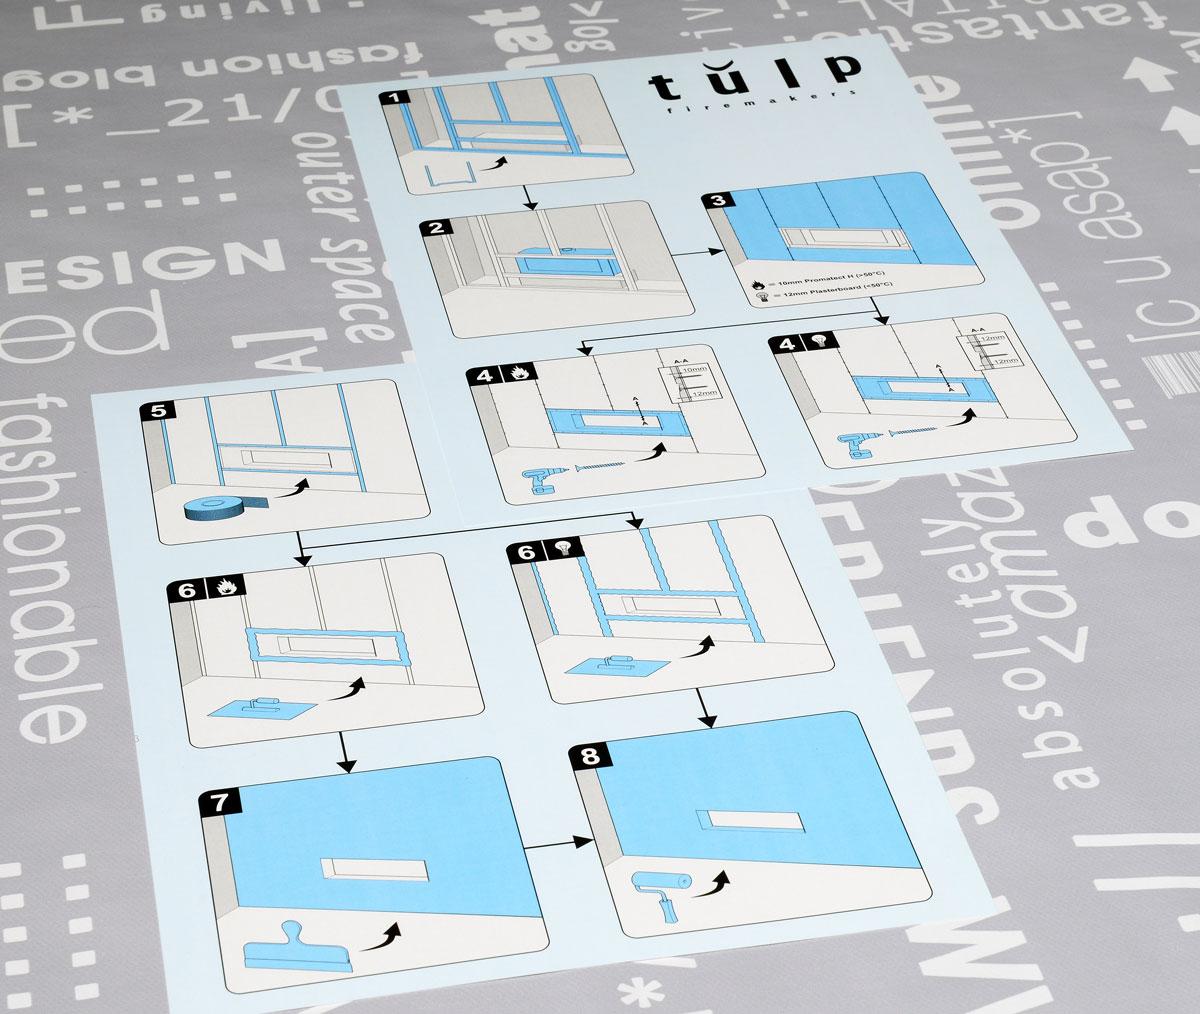 Tulp, Technische illustraties, Technische handleidingen, Technische documentatie, instructiekaart